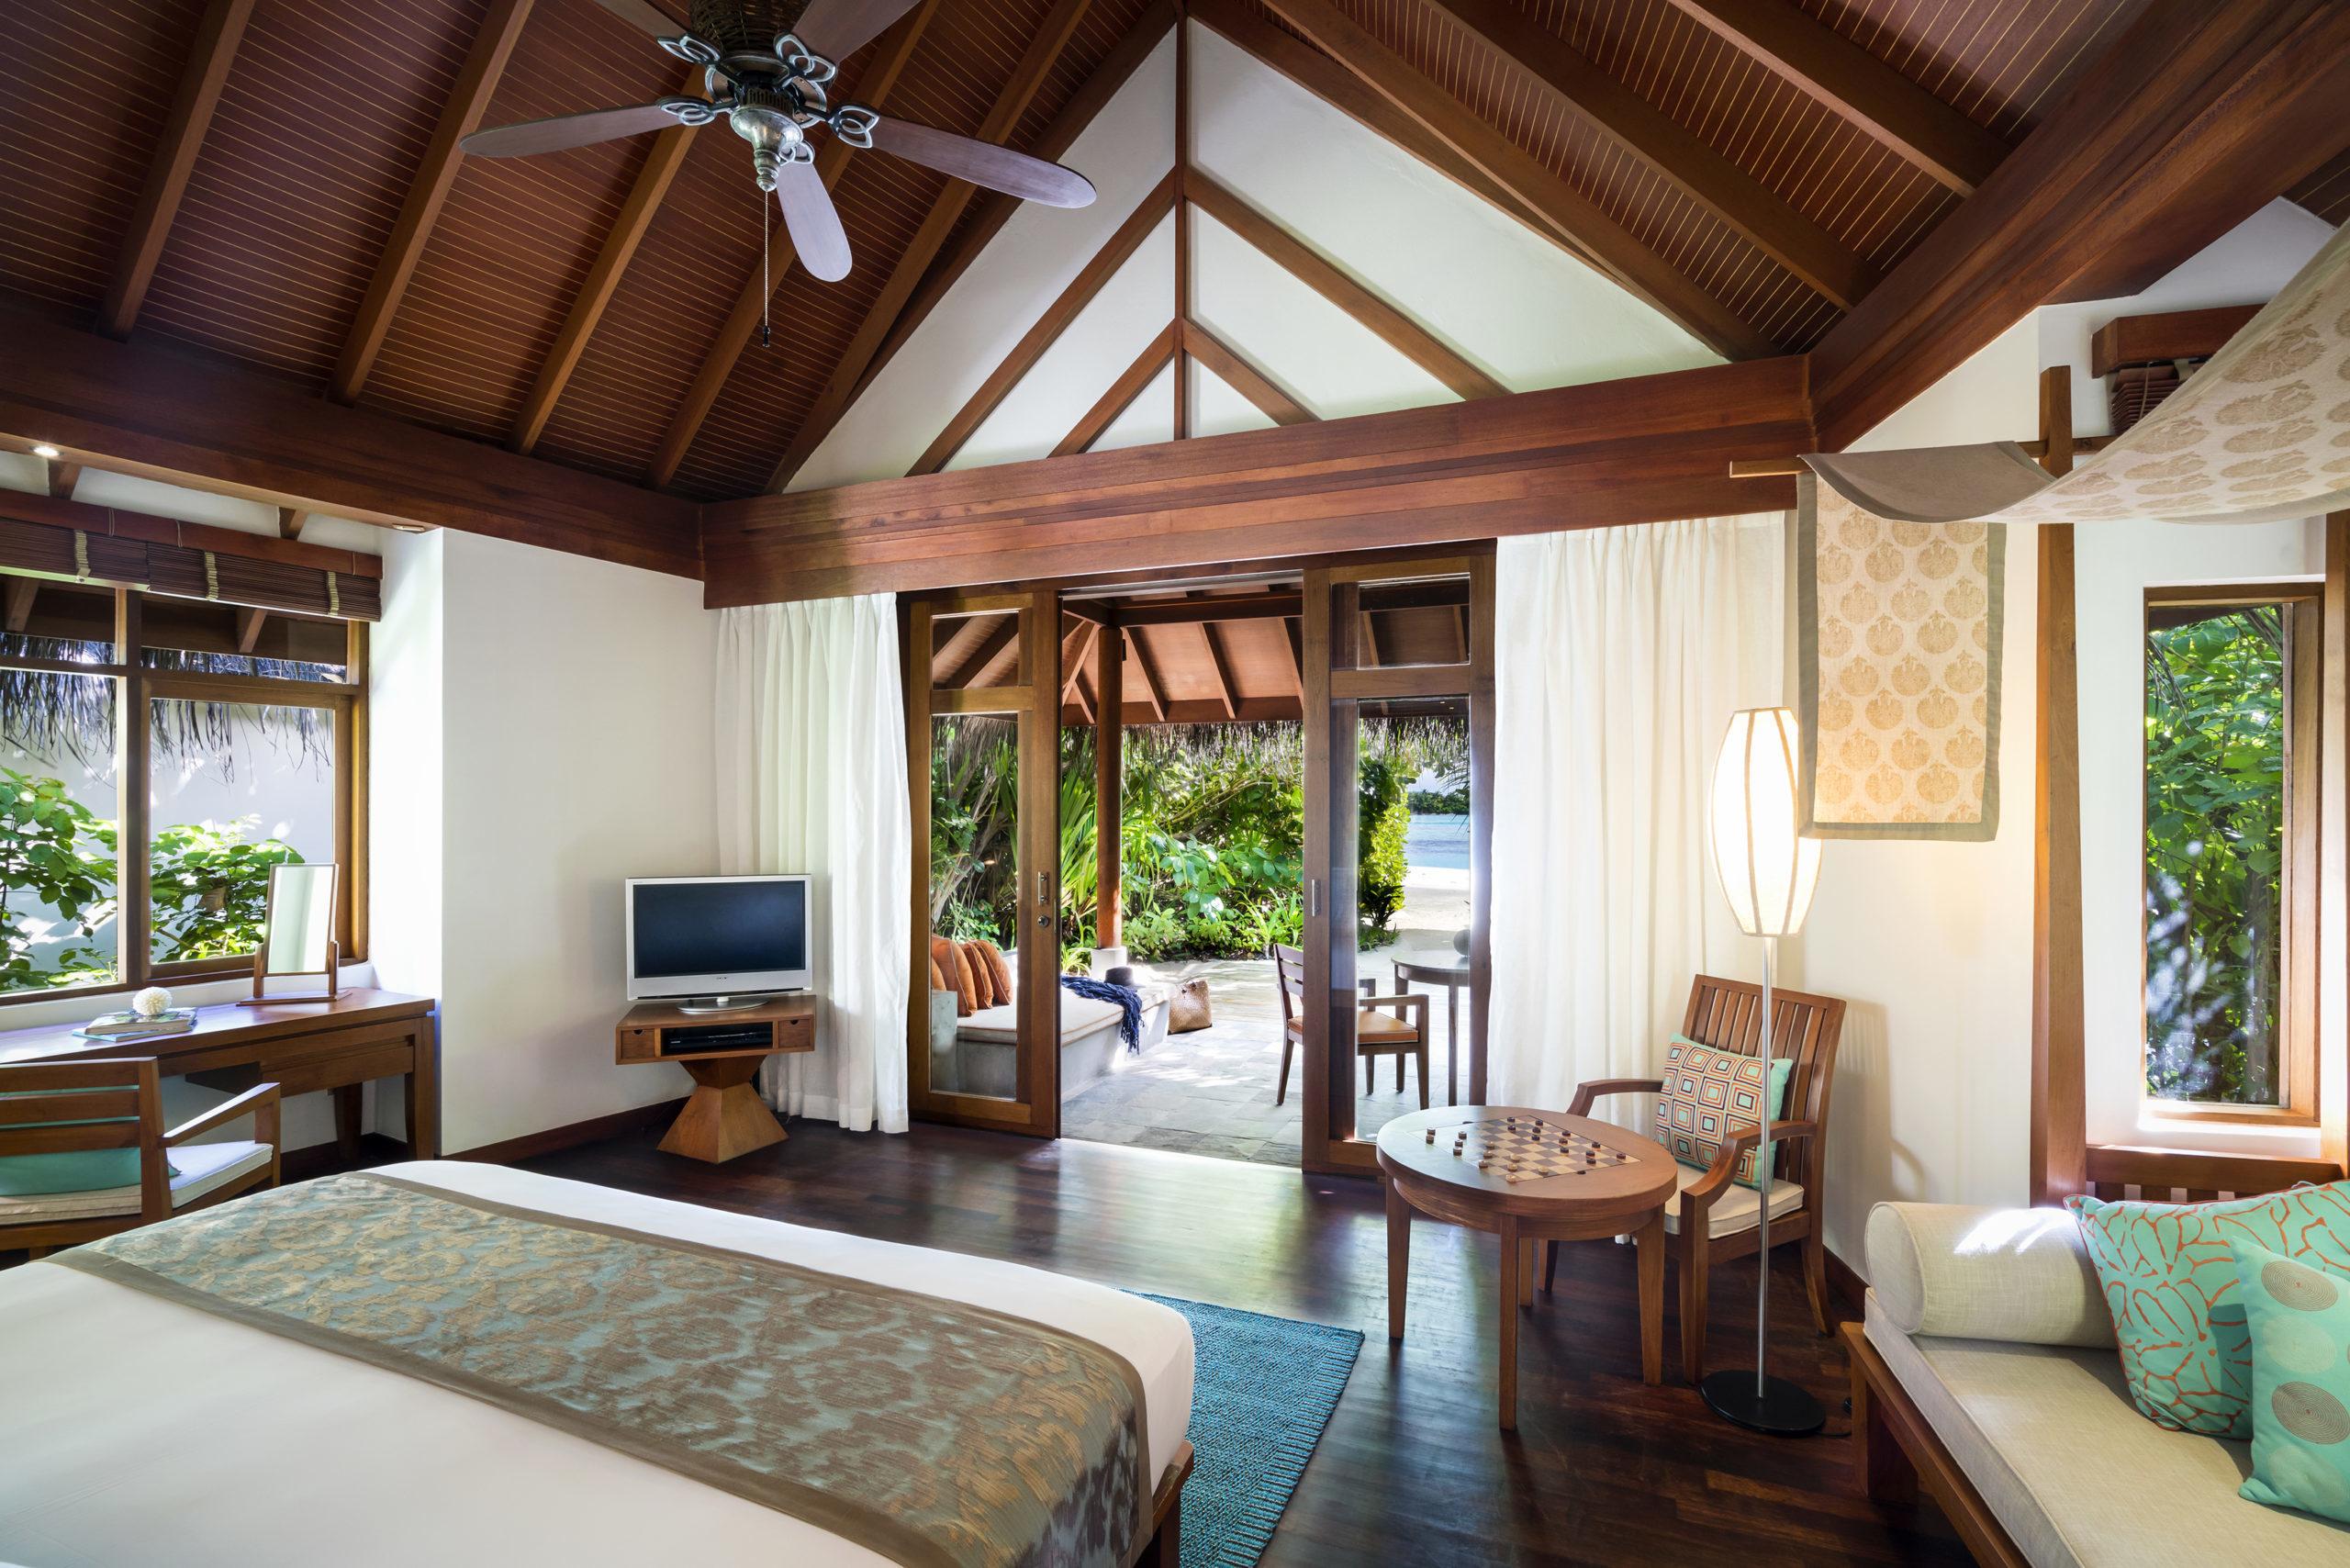 Мальдивы, отель Anantara Dhigu Maldives Resort, номер Beach Villa